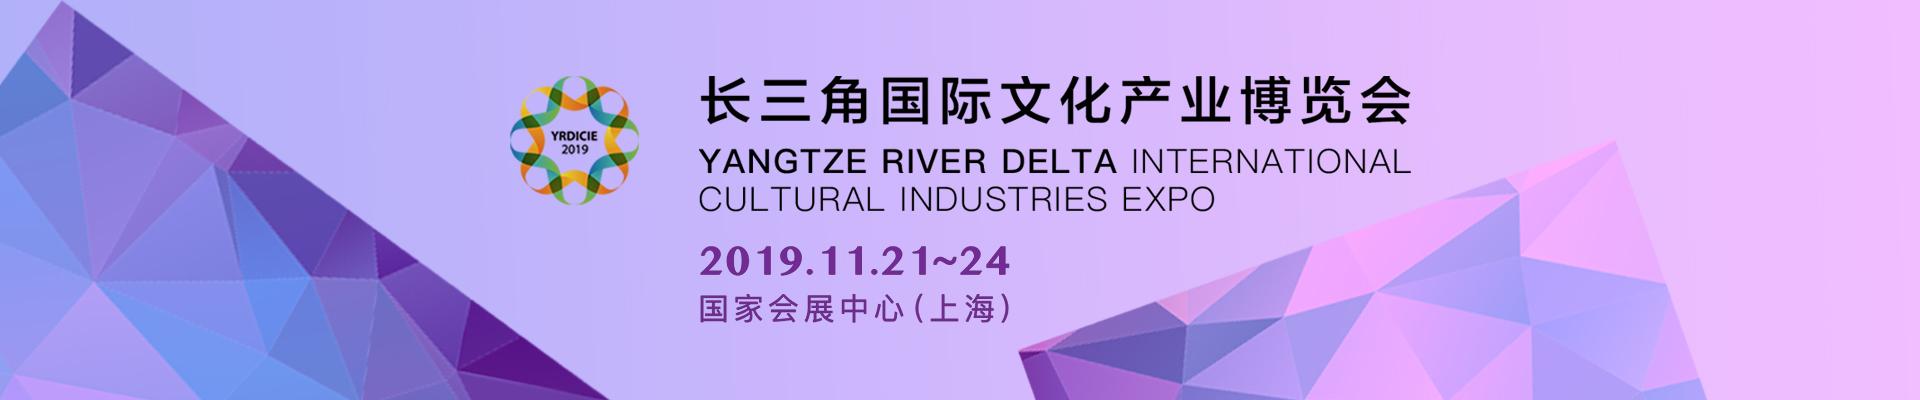 2019第二届长三角国际文化产业博览会